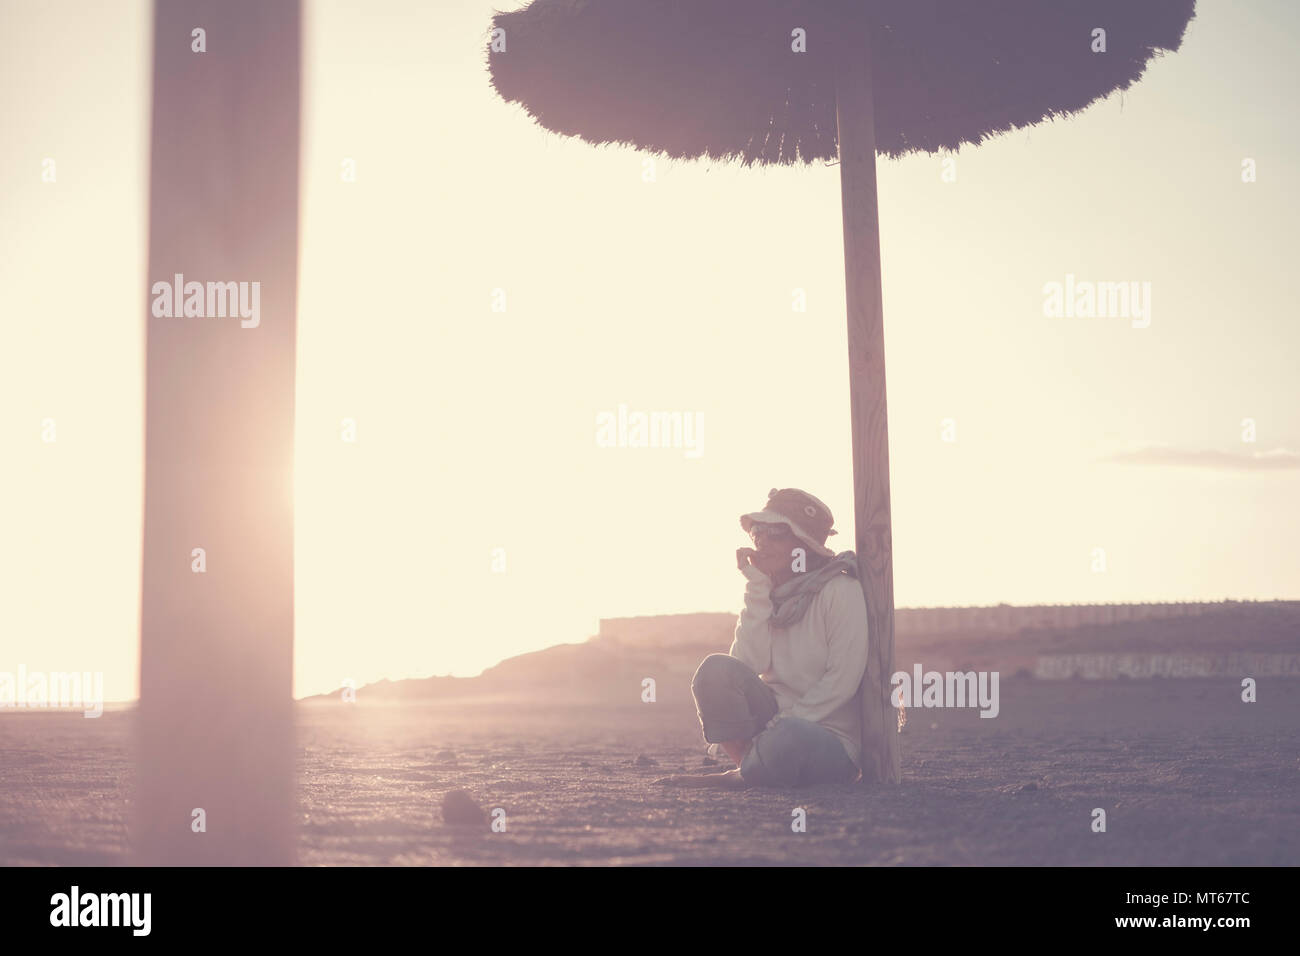 Hermosa hembra solitaria de mediana edad sentarse en la playa con un asombroso atardecer luz sobre el fondo. Tenerife pintoresco lugar para vacaciones verano leisu. Foto de stock